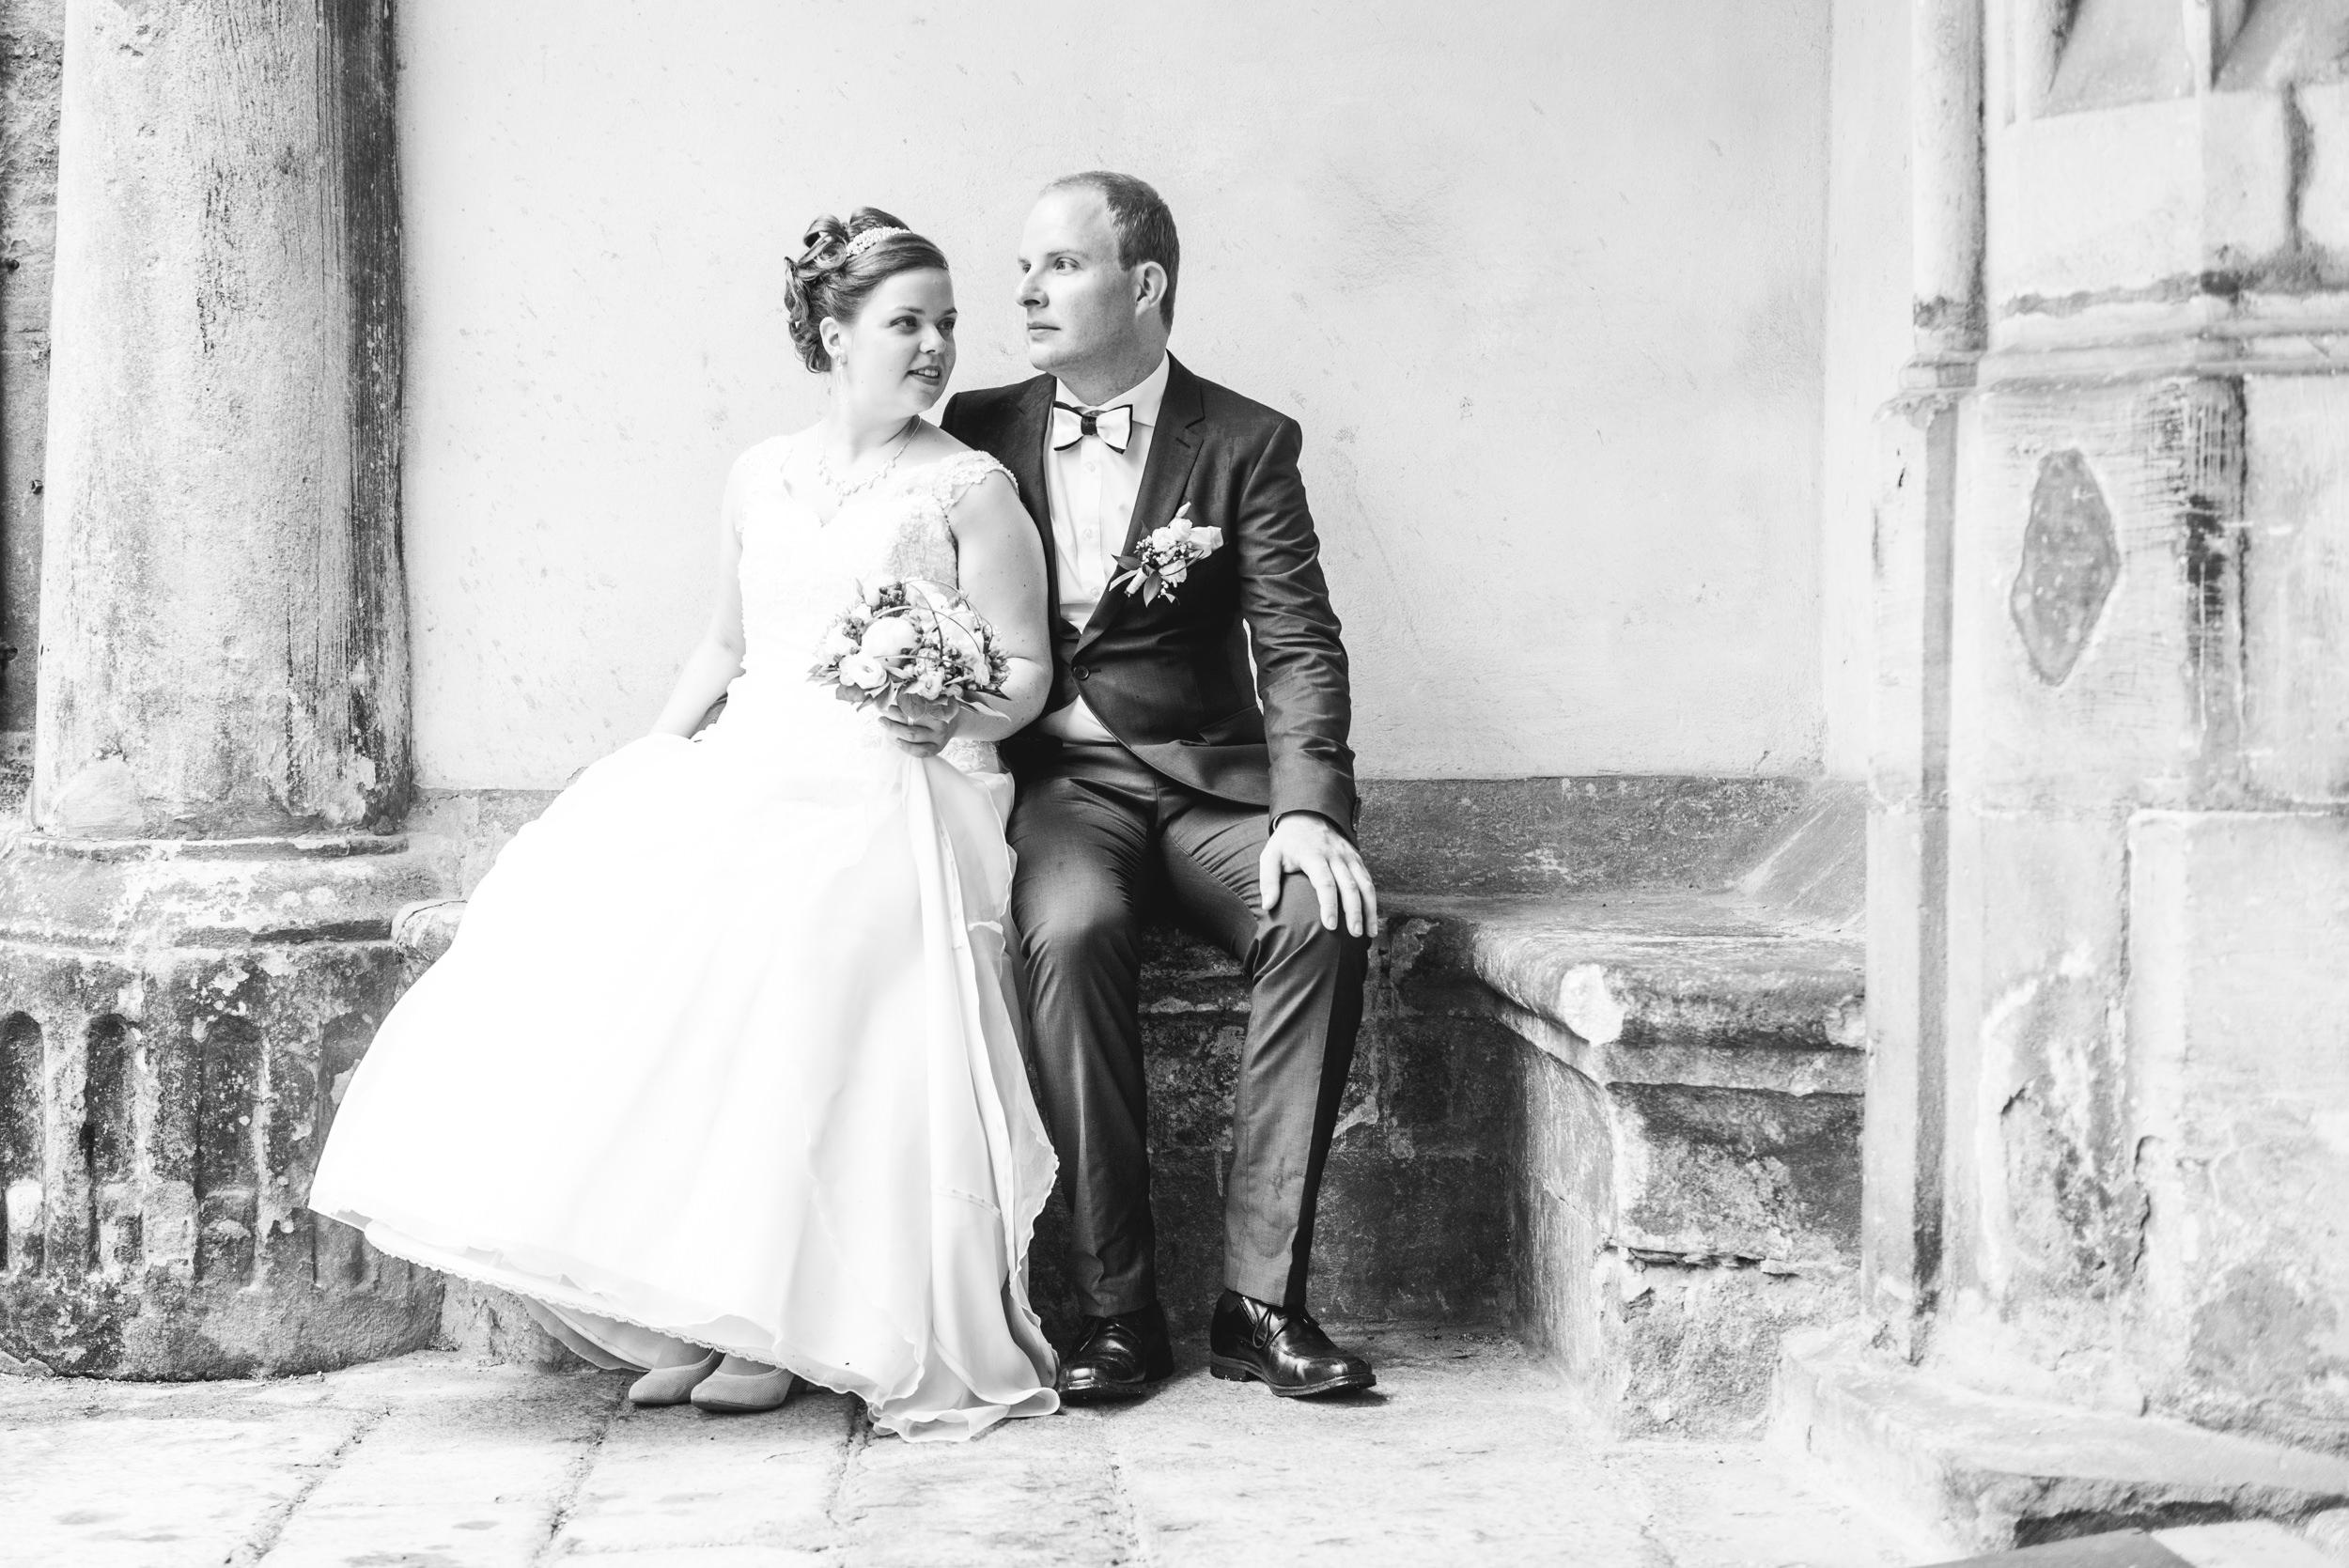 Paul_Glaser_Hochzeitsfotograf-28